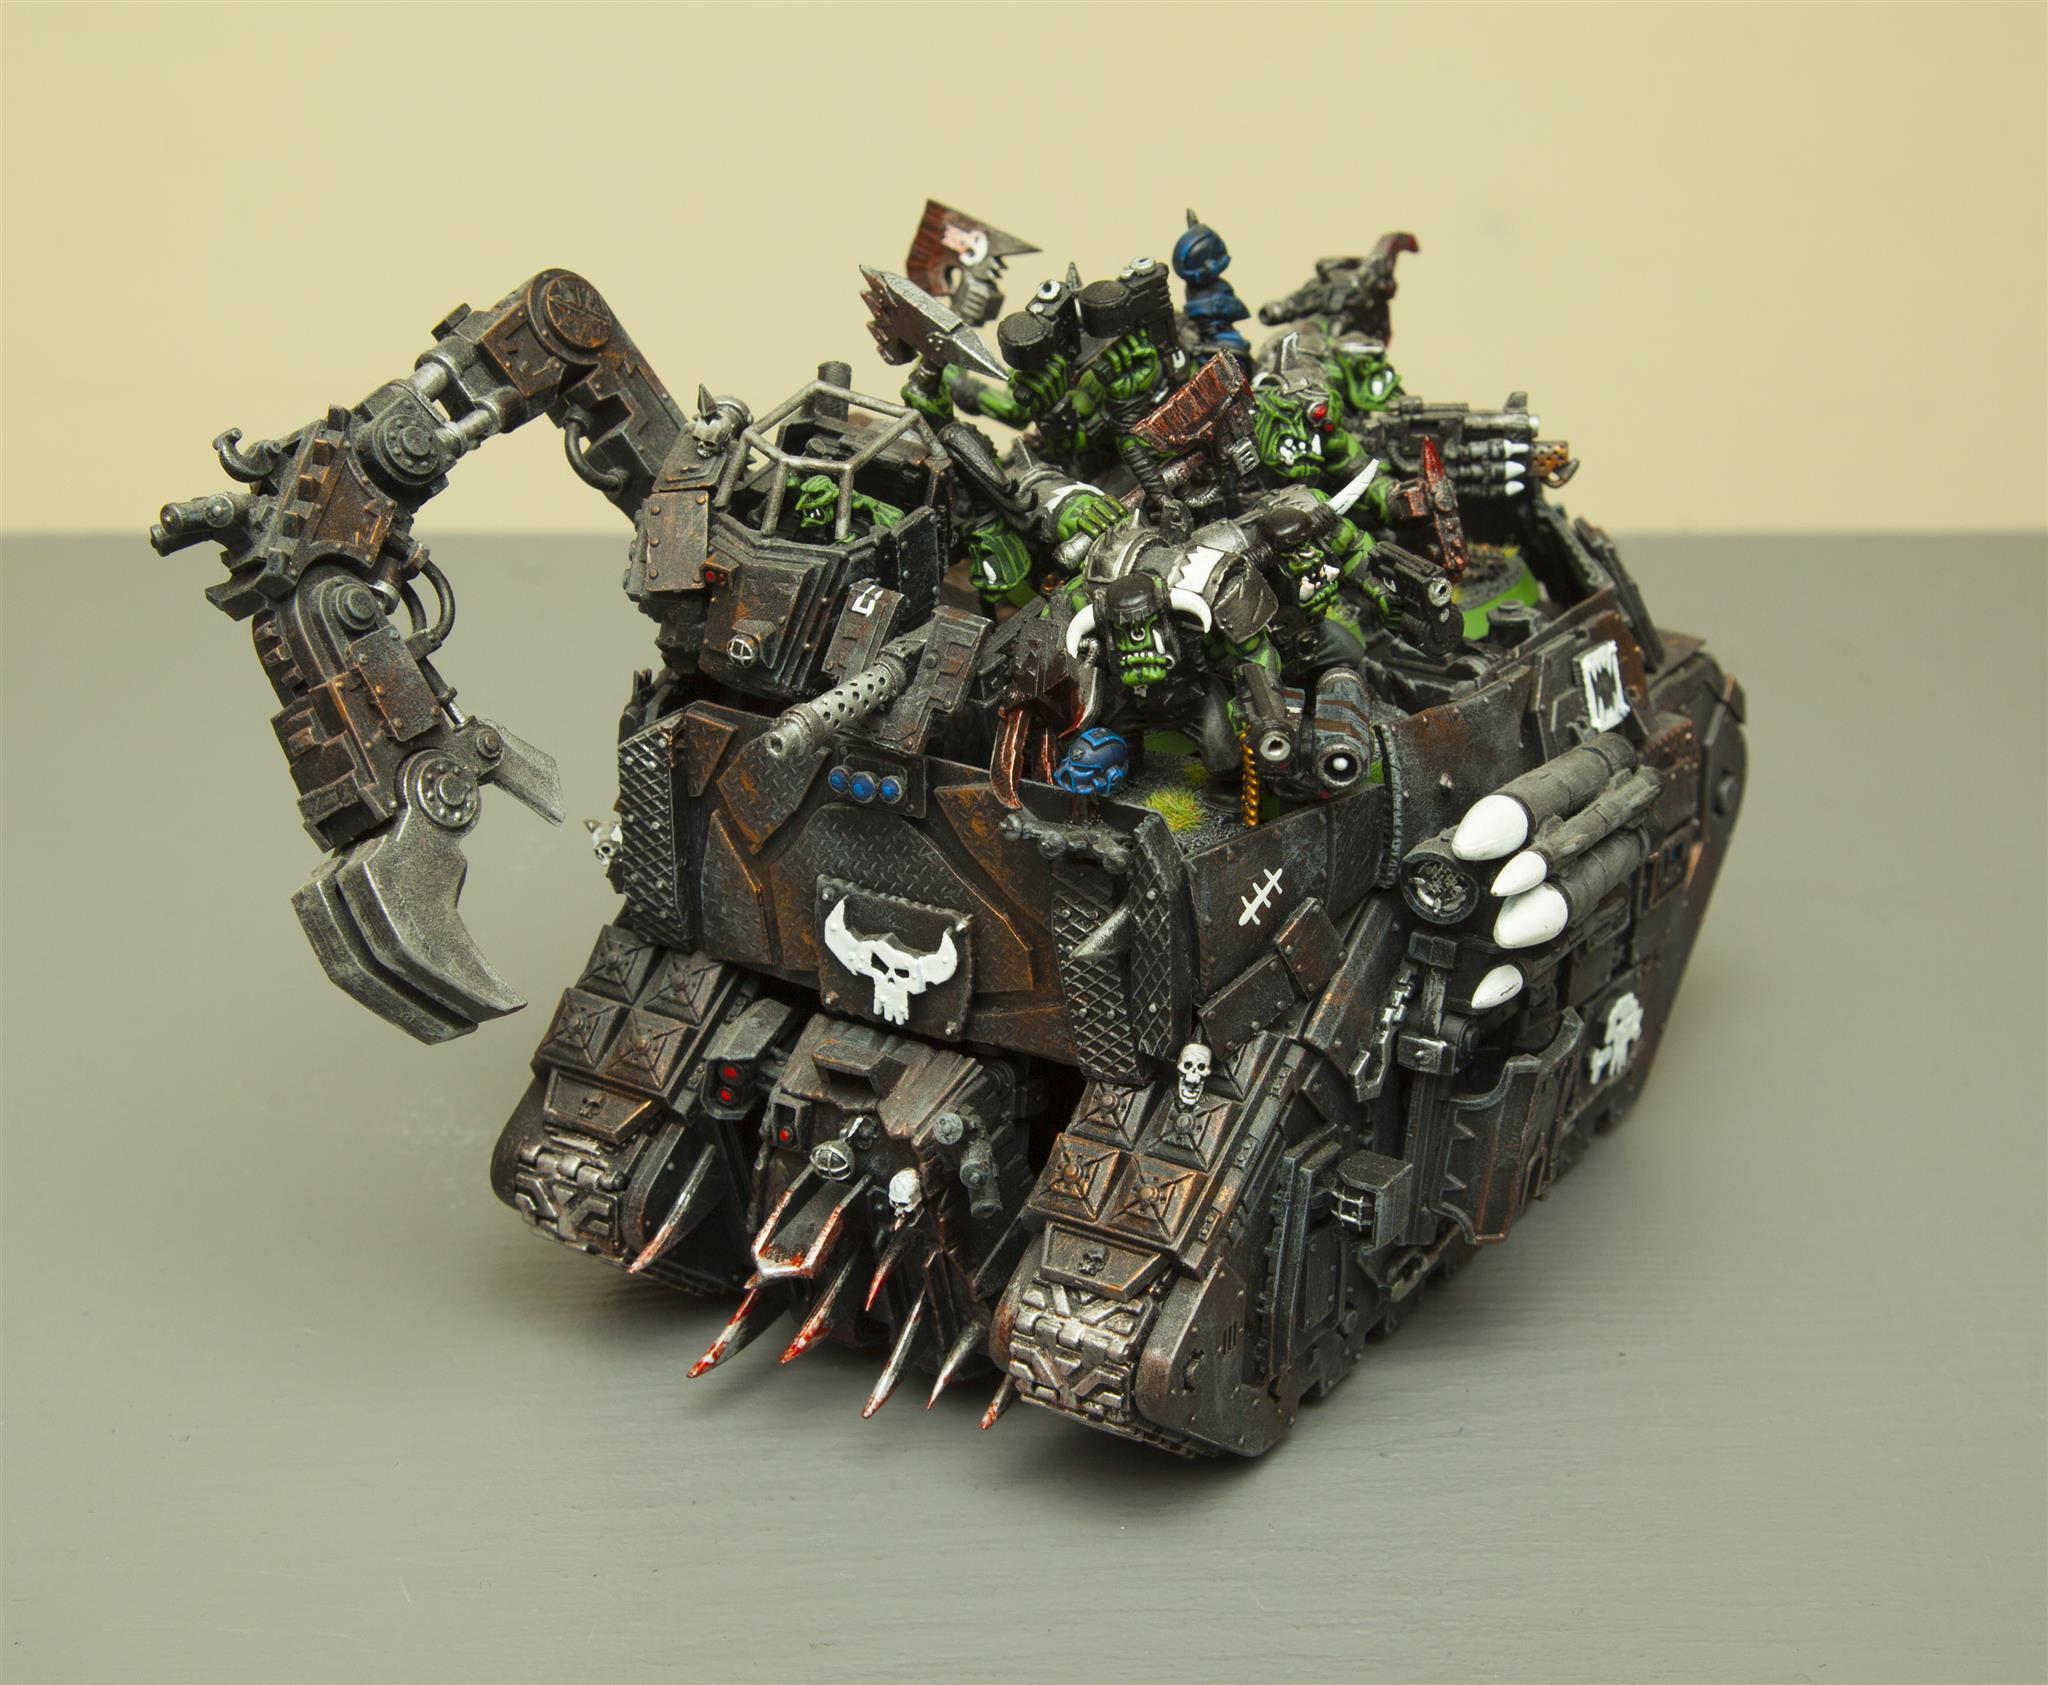 Battlewagon, Goffs, Looted Land Raider, Orks, Warhammer 40,000